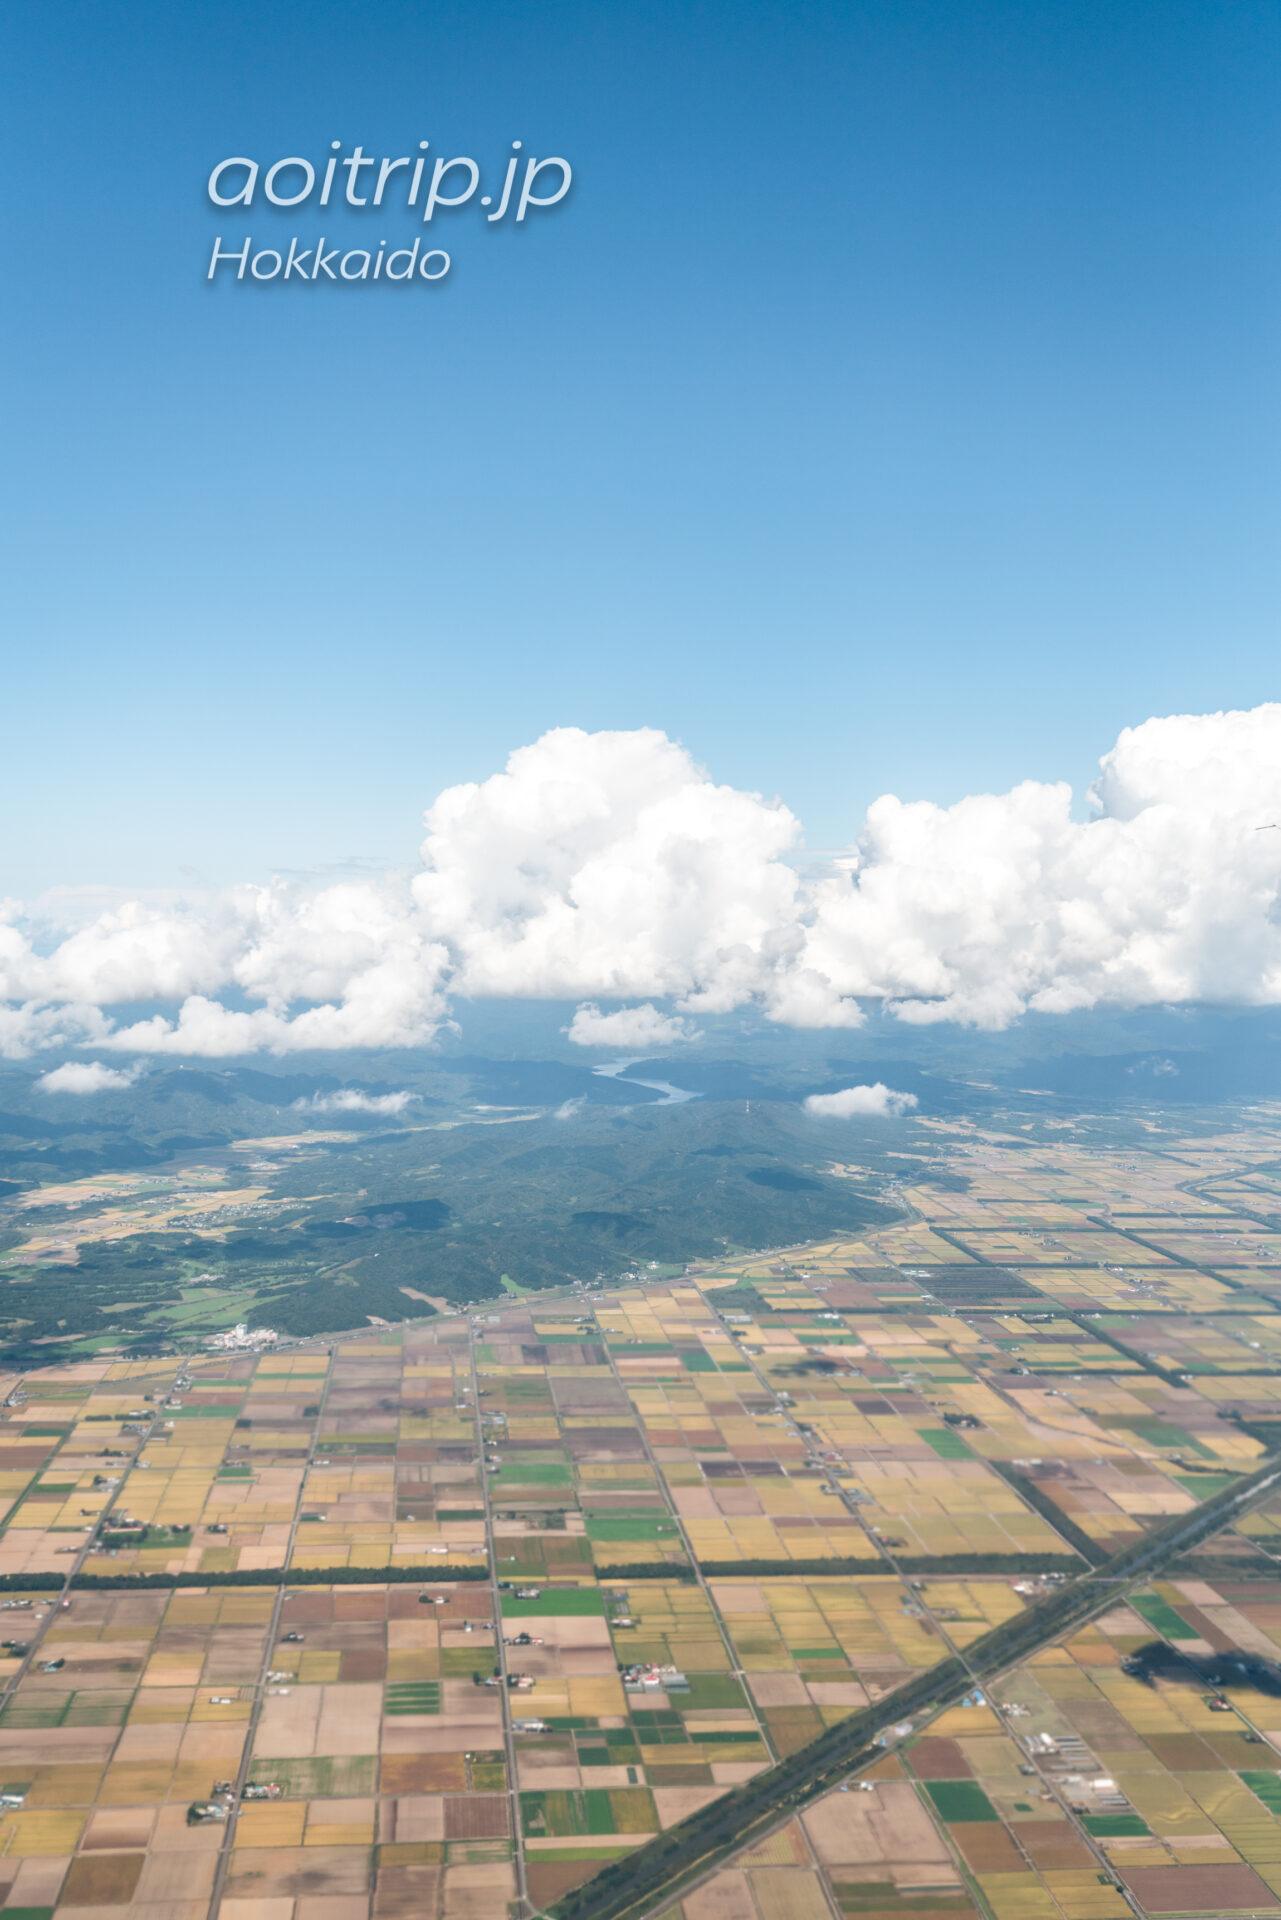 丘珠空港を出発した機内から当別ふくろう湖を望む